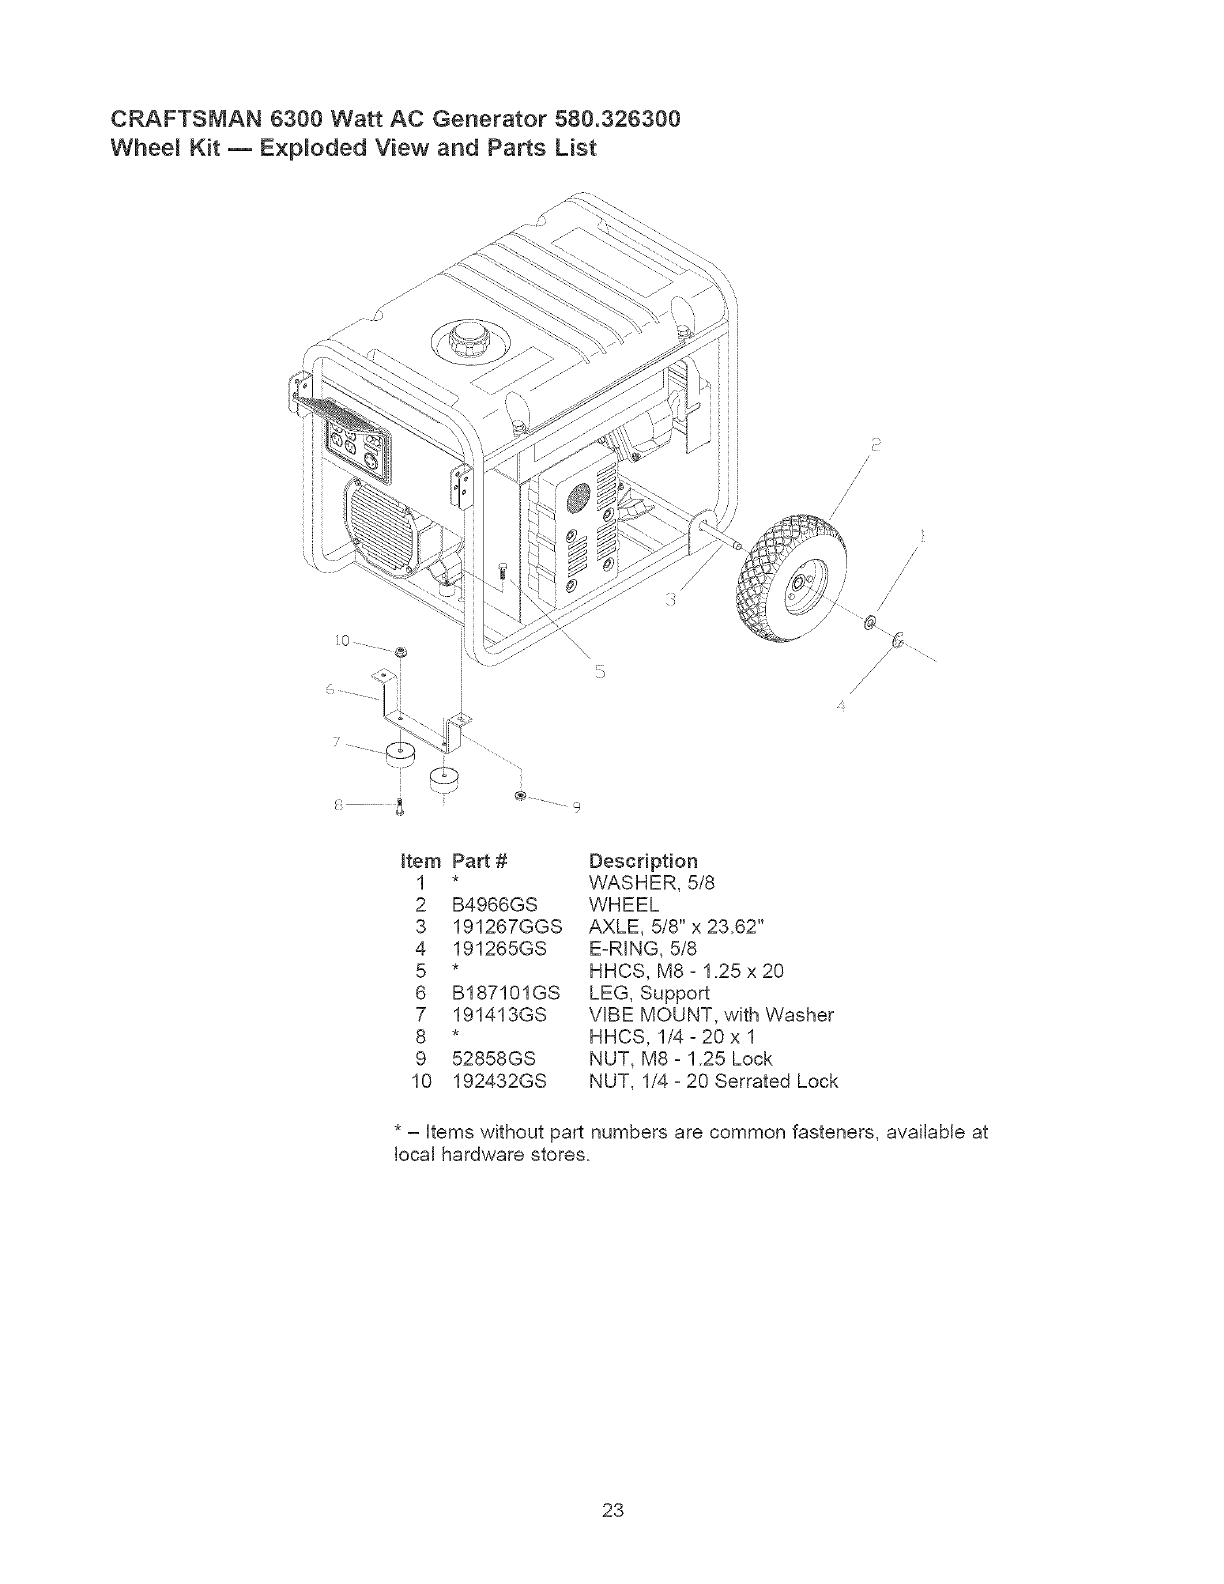 Craftsman 580326300 User Manual GENERATOR Manuals And